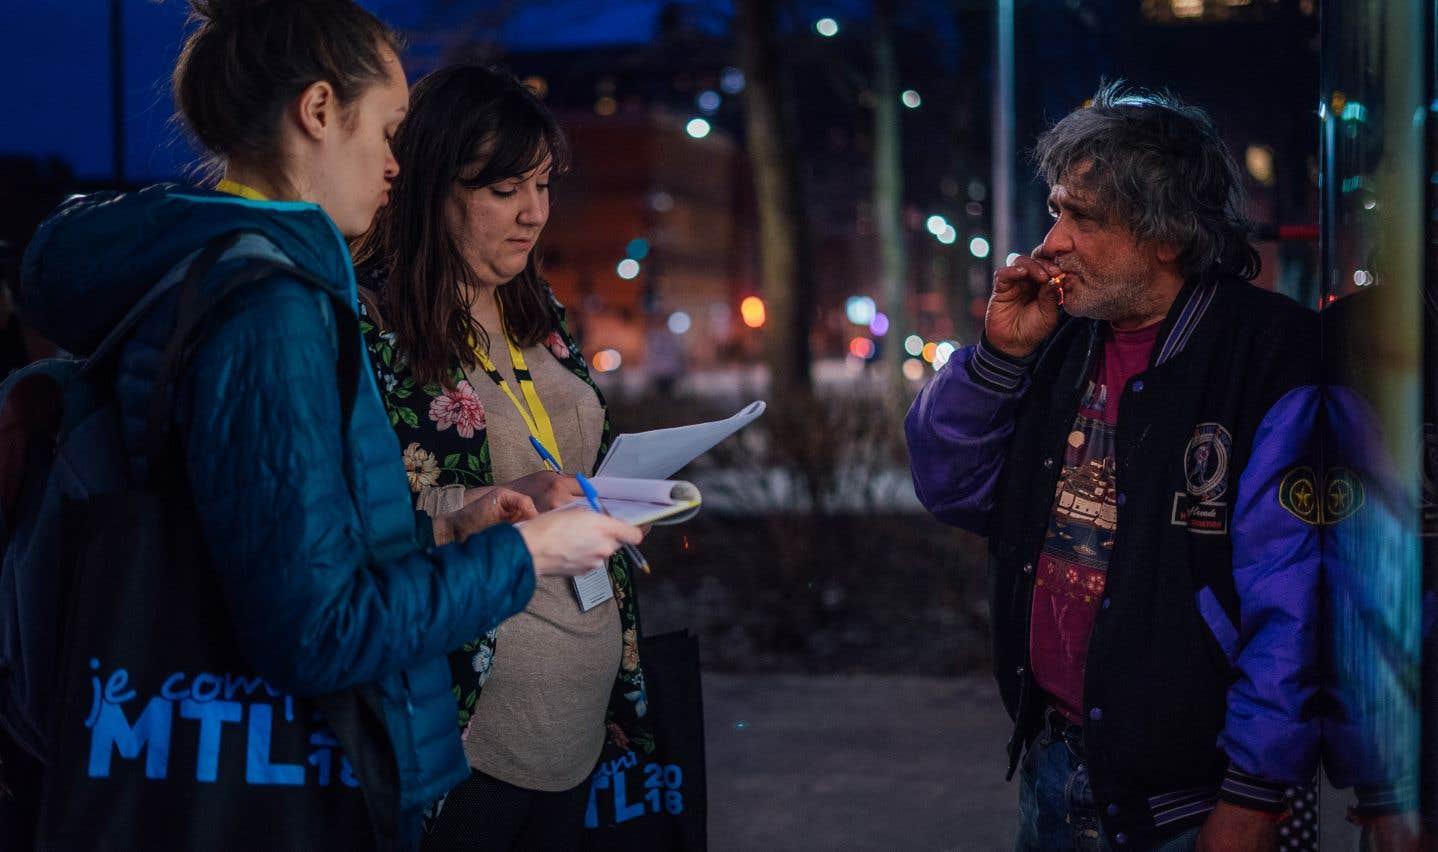 Marianne Ferron et Megan Cacchiotti en entrevue avec Hugo Gelinas, à la place Émilie-Gamelin, dans le cadre du deuxième dénombrement des personnes en situation d'itinérance à Montréal